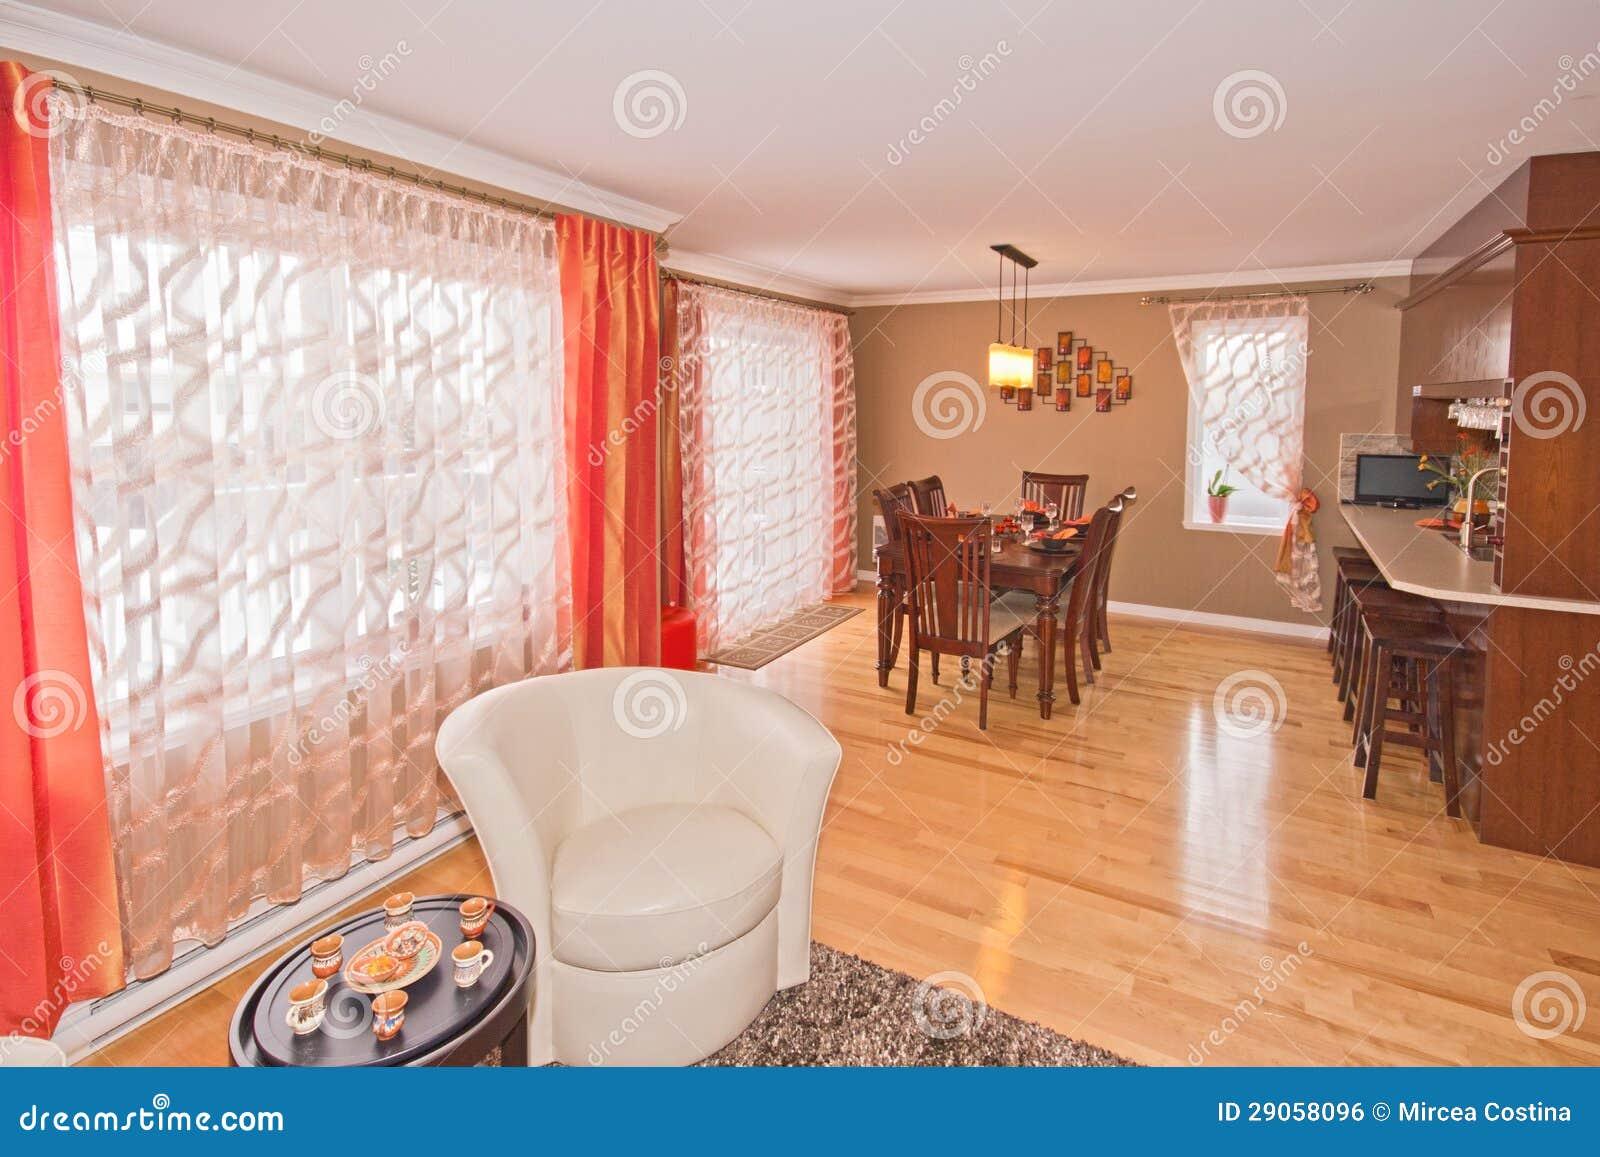 Sala de estar y comedor moderno foto de archivo imagen for Comedor y sala de estar decorados